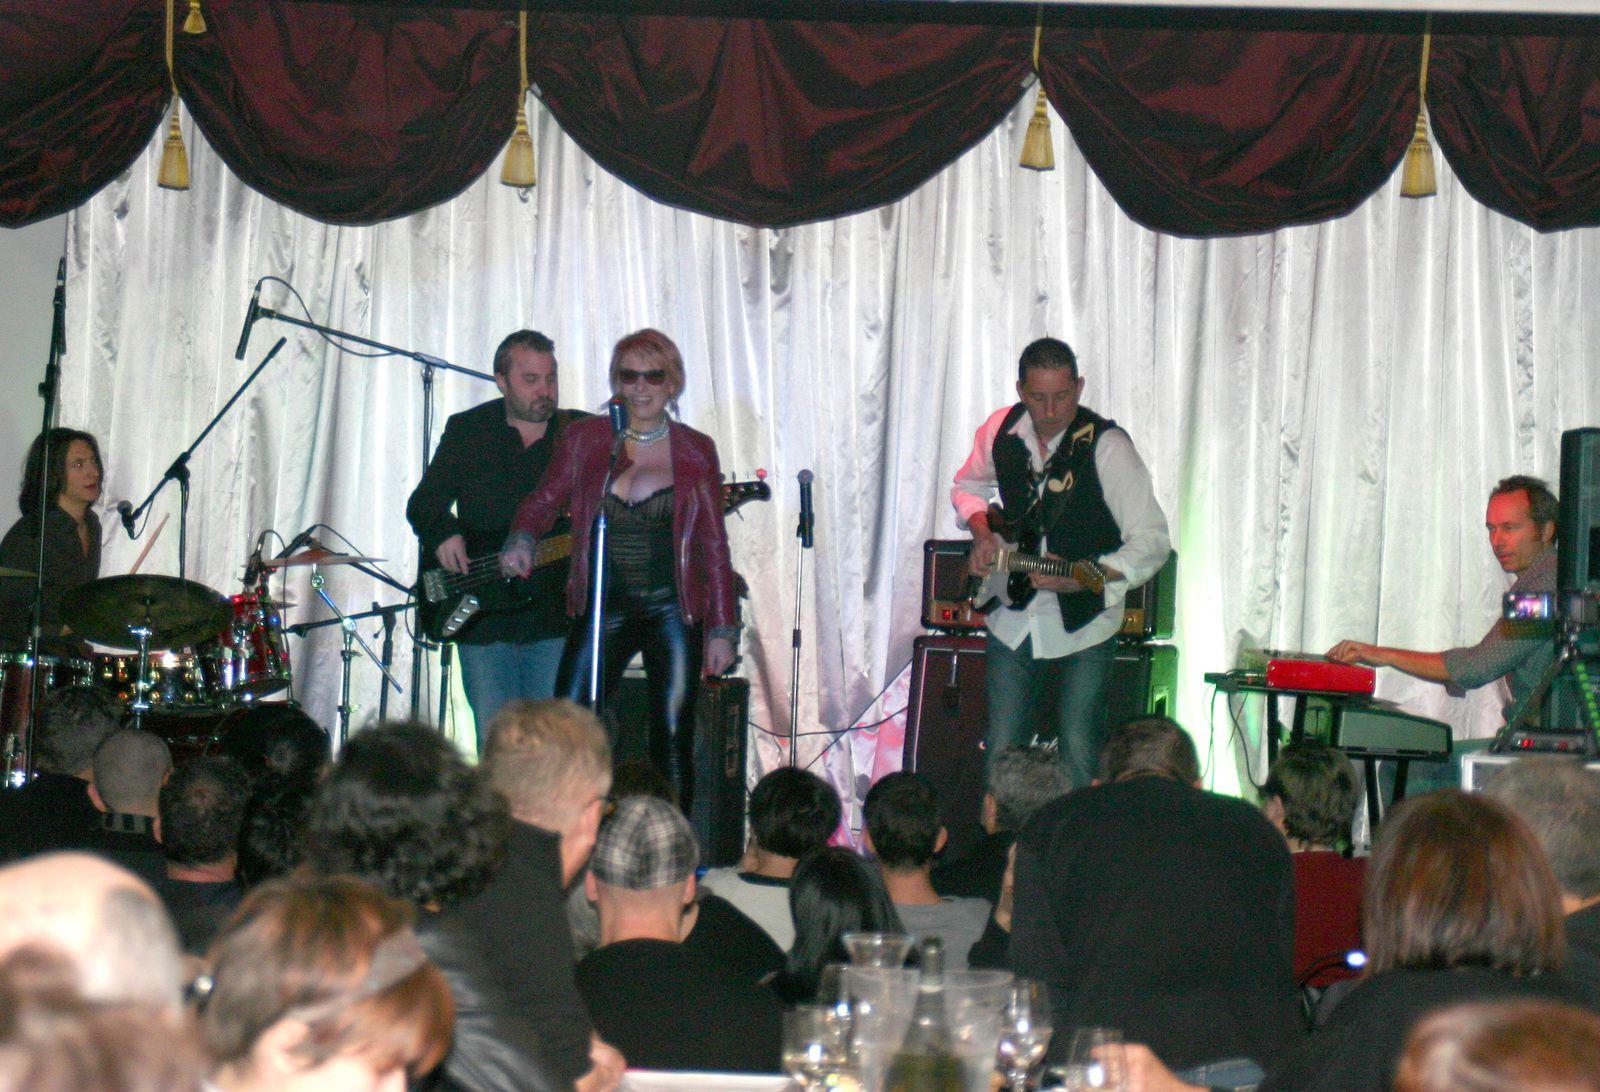 Samedi 7 décembre: Concert Sud Regards au café théâtre de Cavaillon